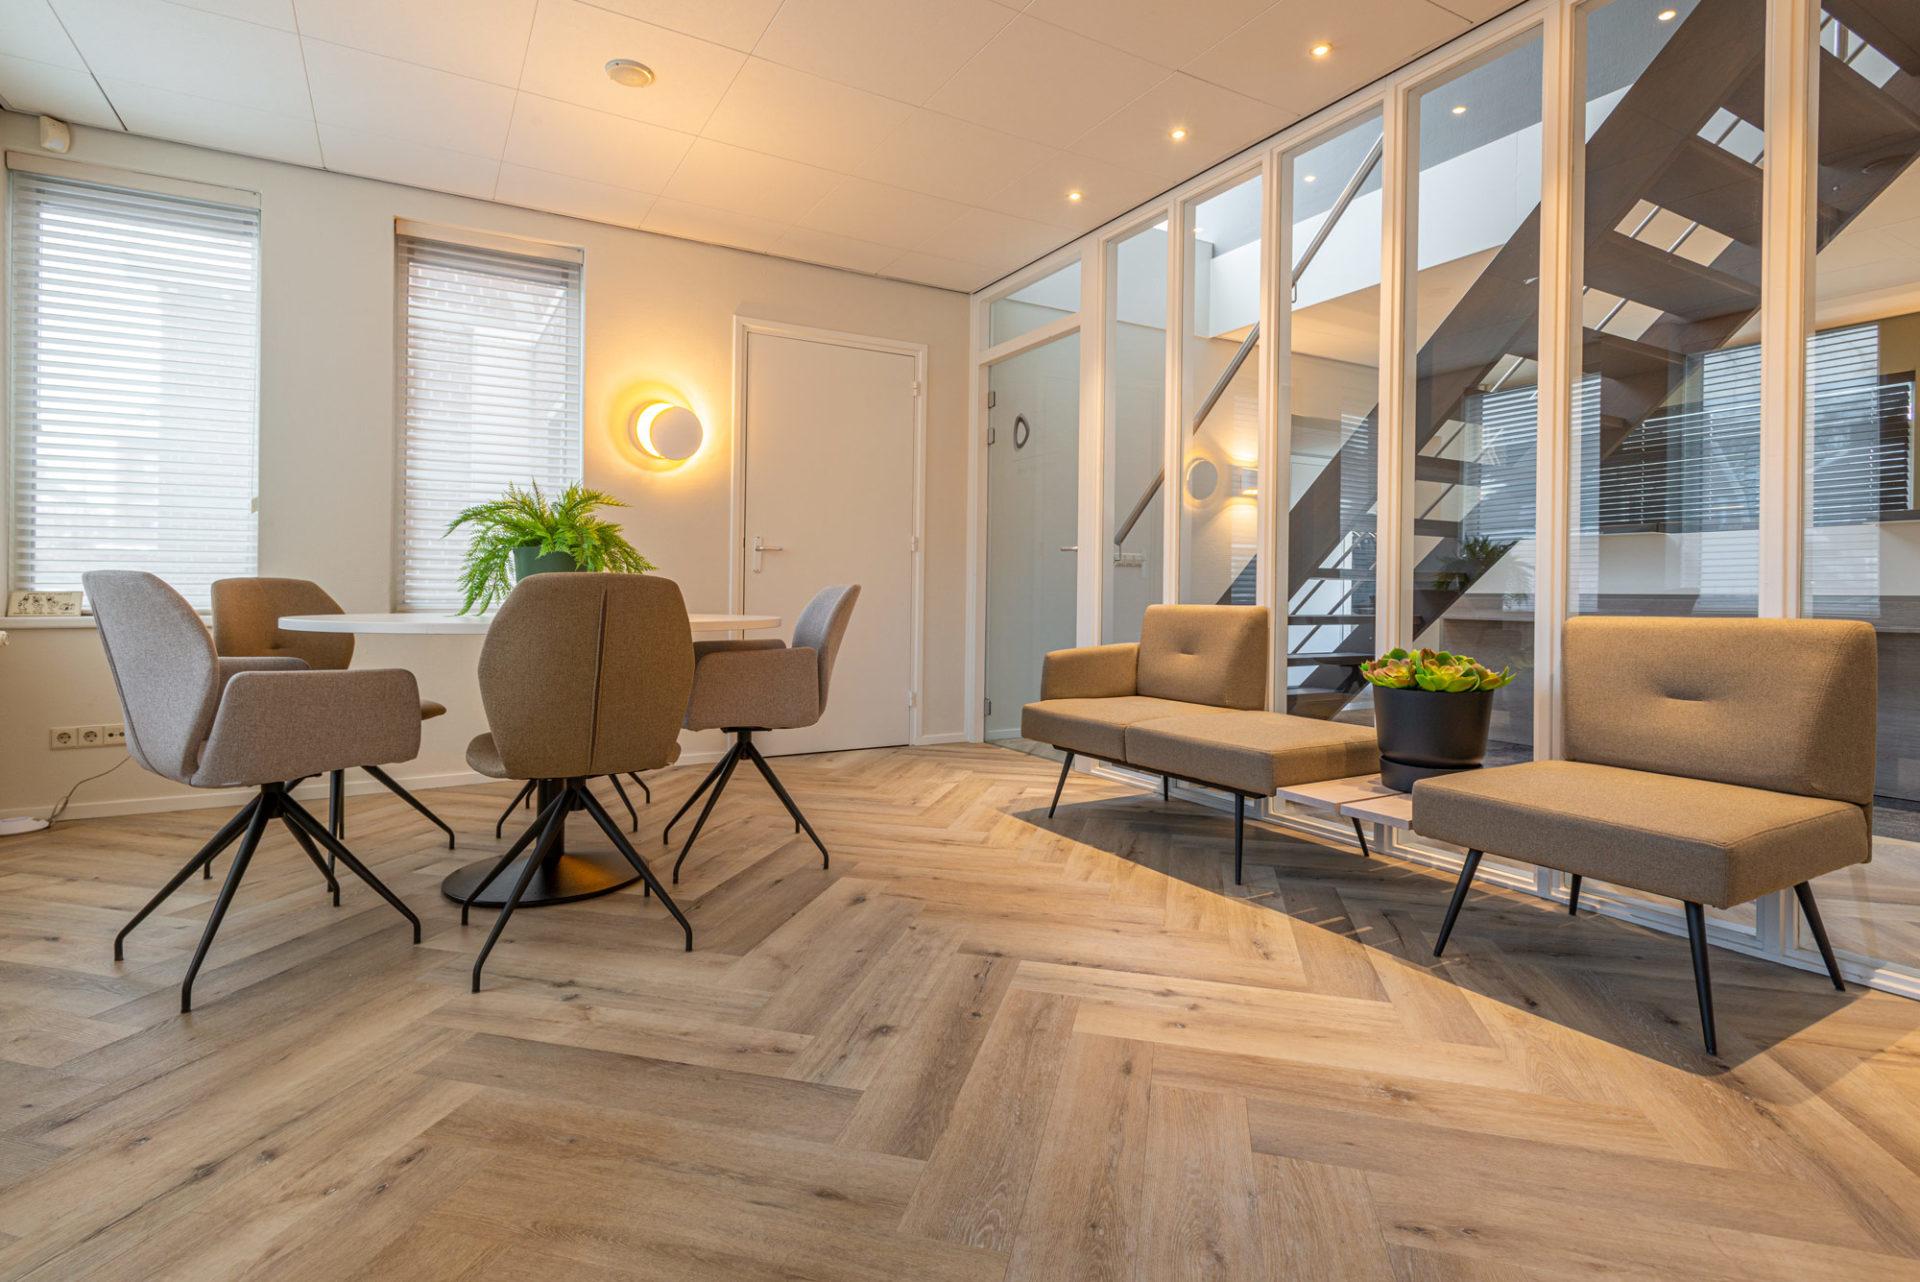 DKT2 bruin stoelen banken planten